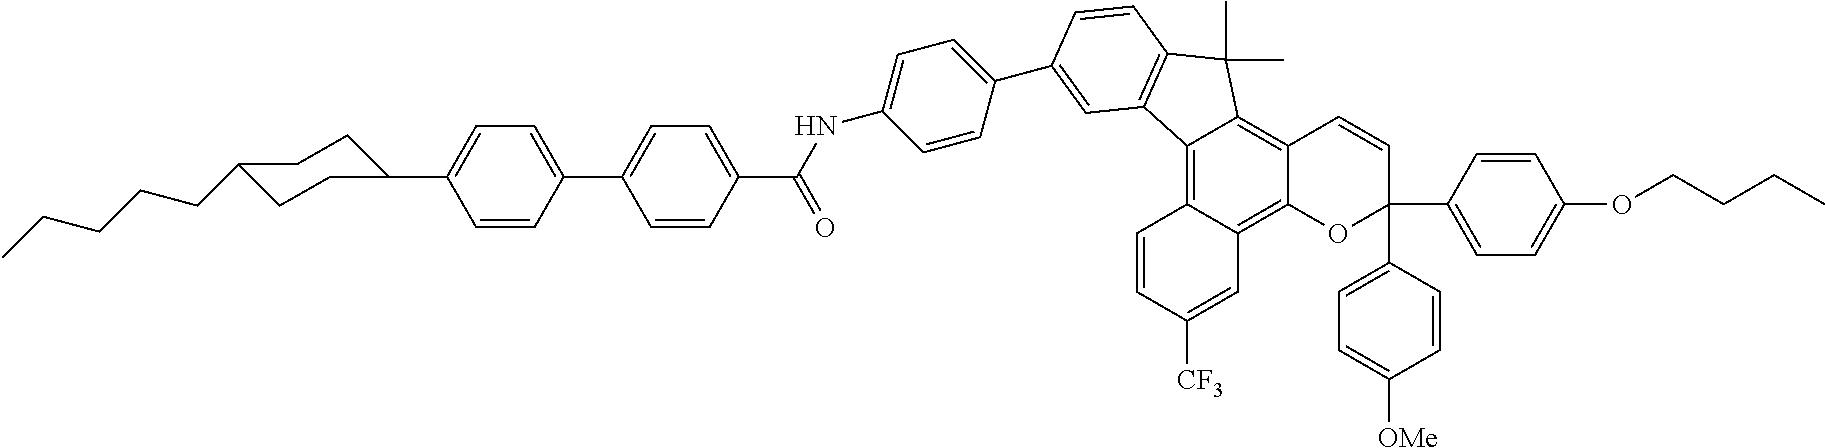 Figure US08545984-20131001-C00033